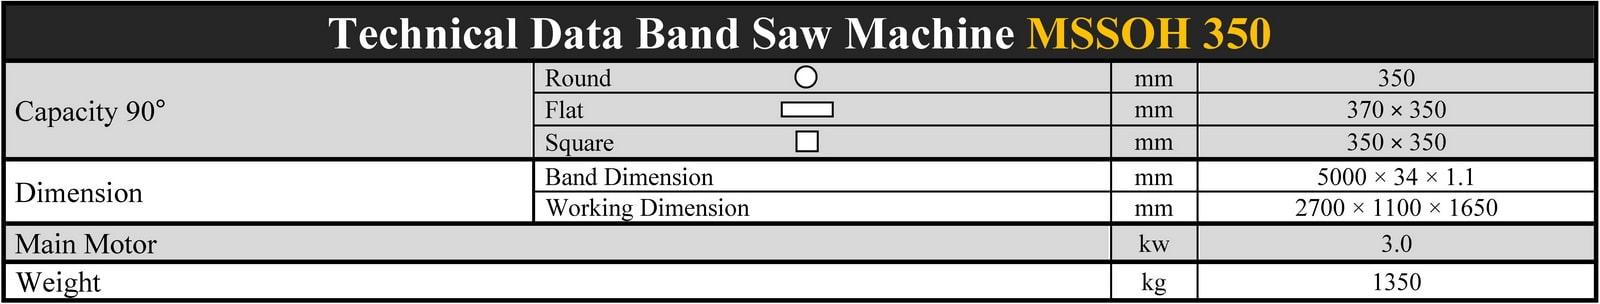 مشخصات فنی اره نواری تمام اتوماتیک گیره هیدرولیک 350 - MSSOH 350